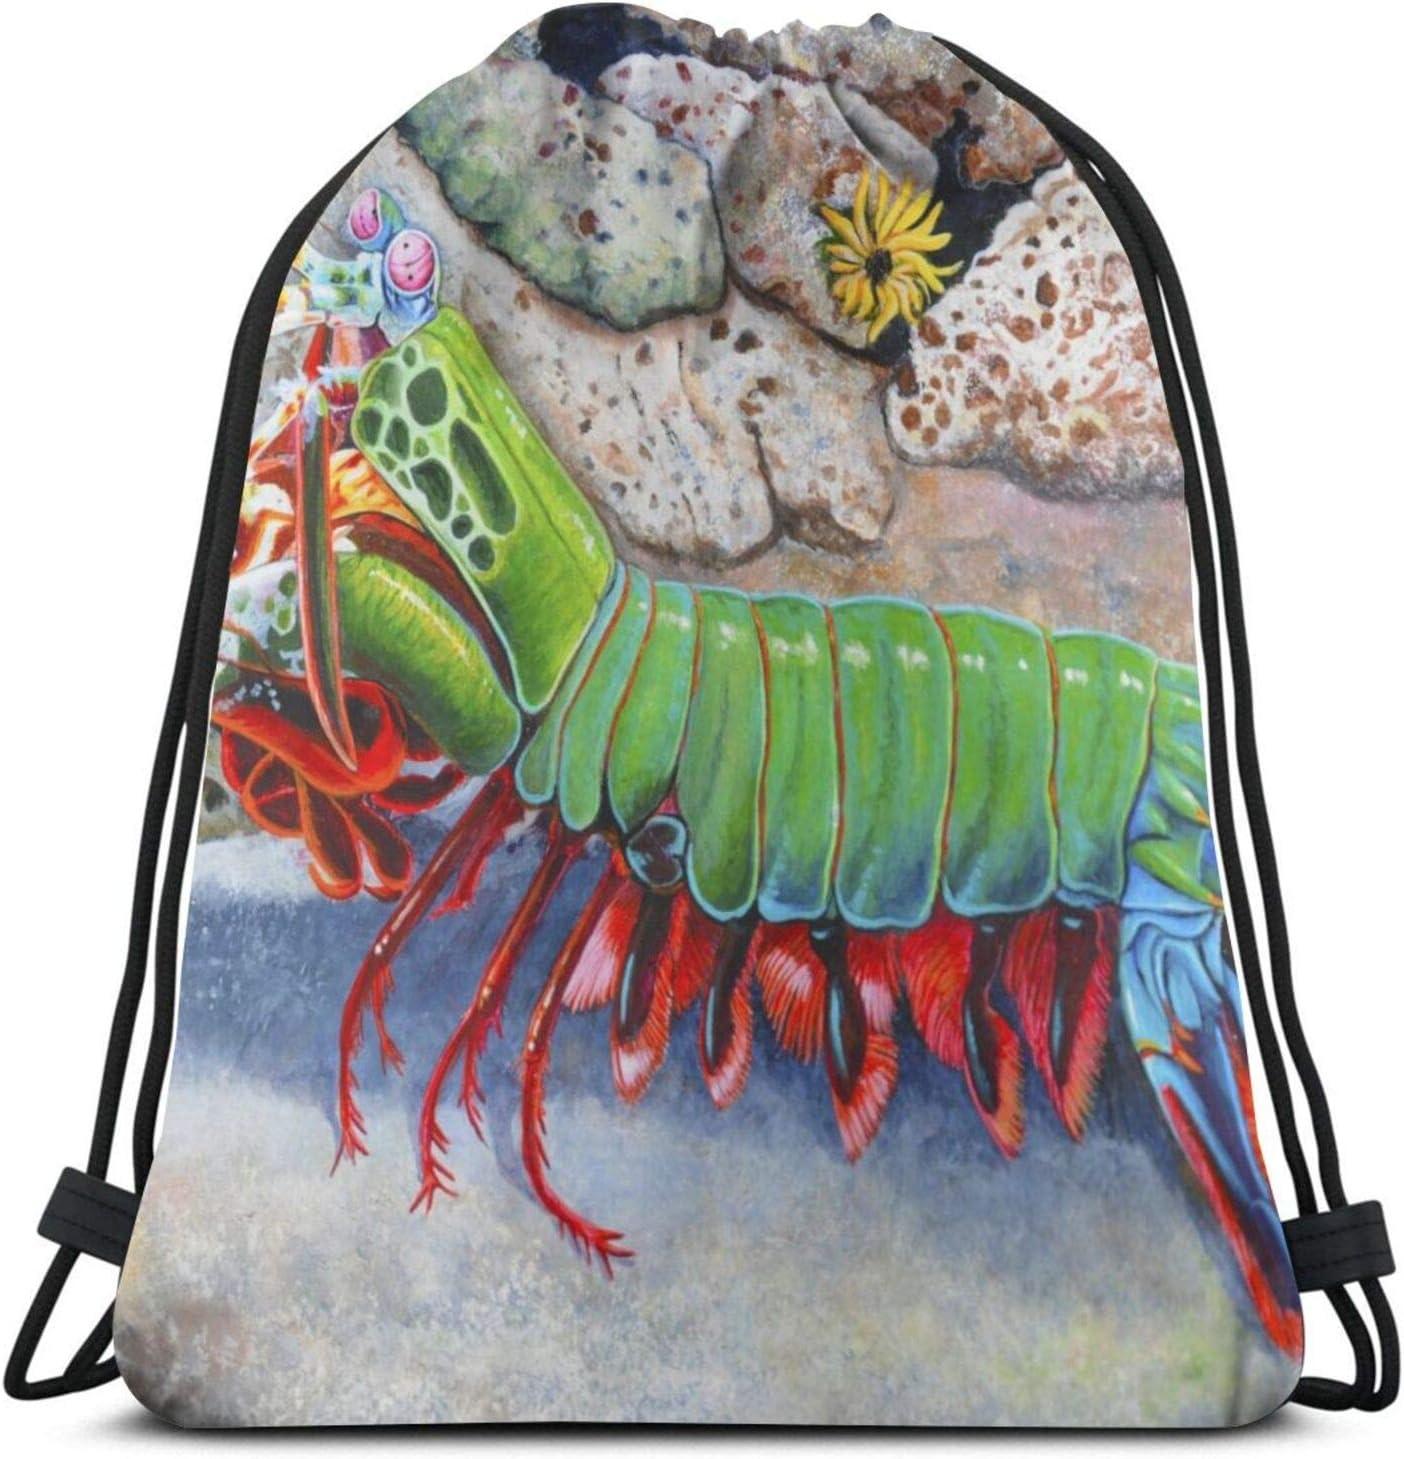 Large discharge sale Drawstring Backpack Storage New York Mall Bags String Shrimp Kids Mantis T Bag